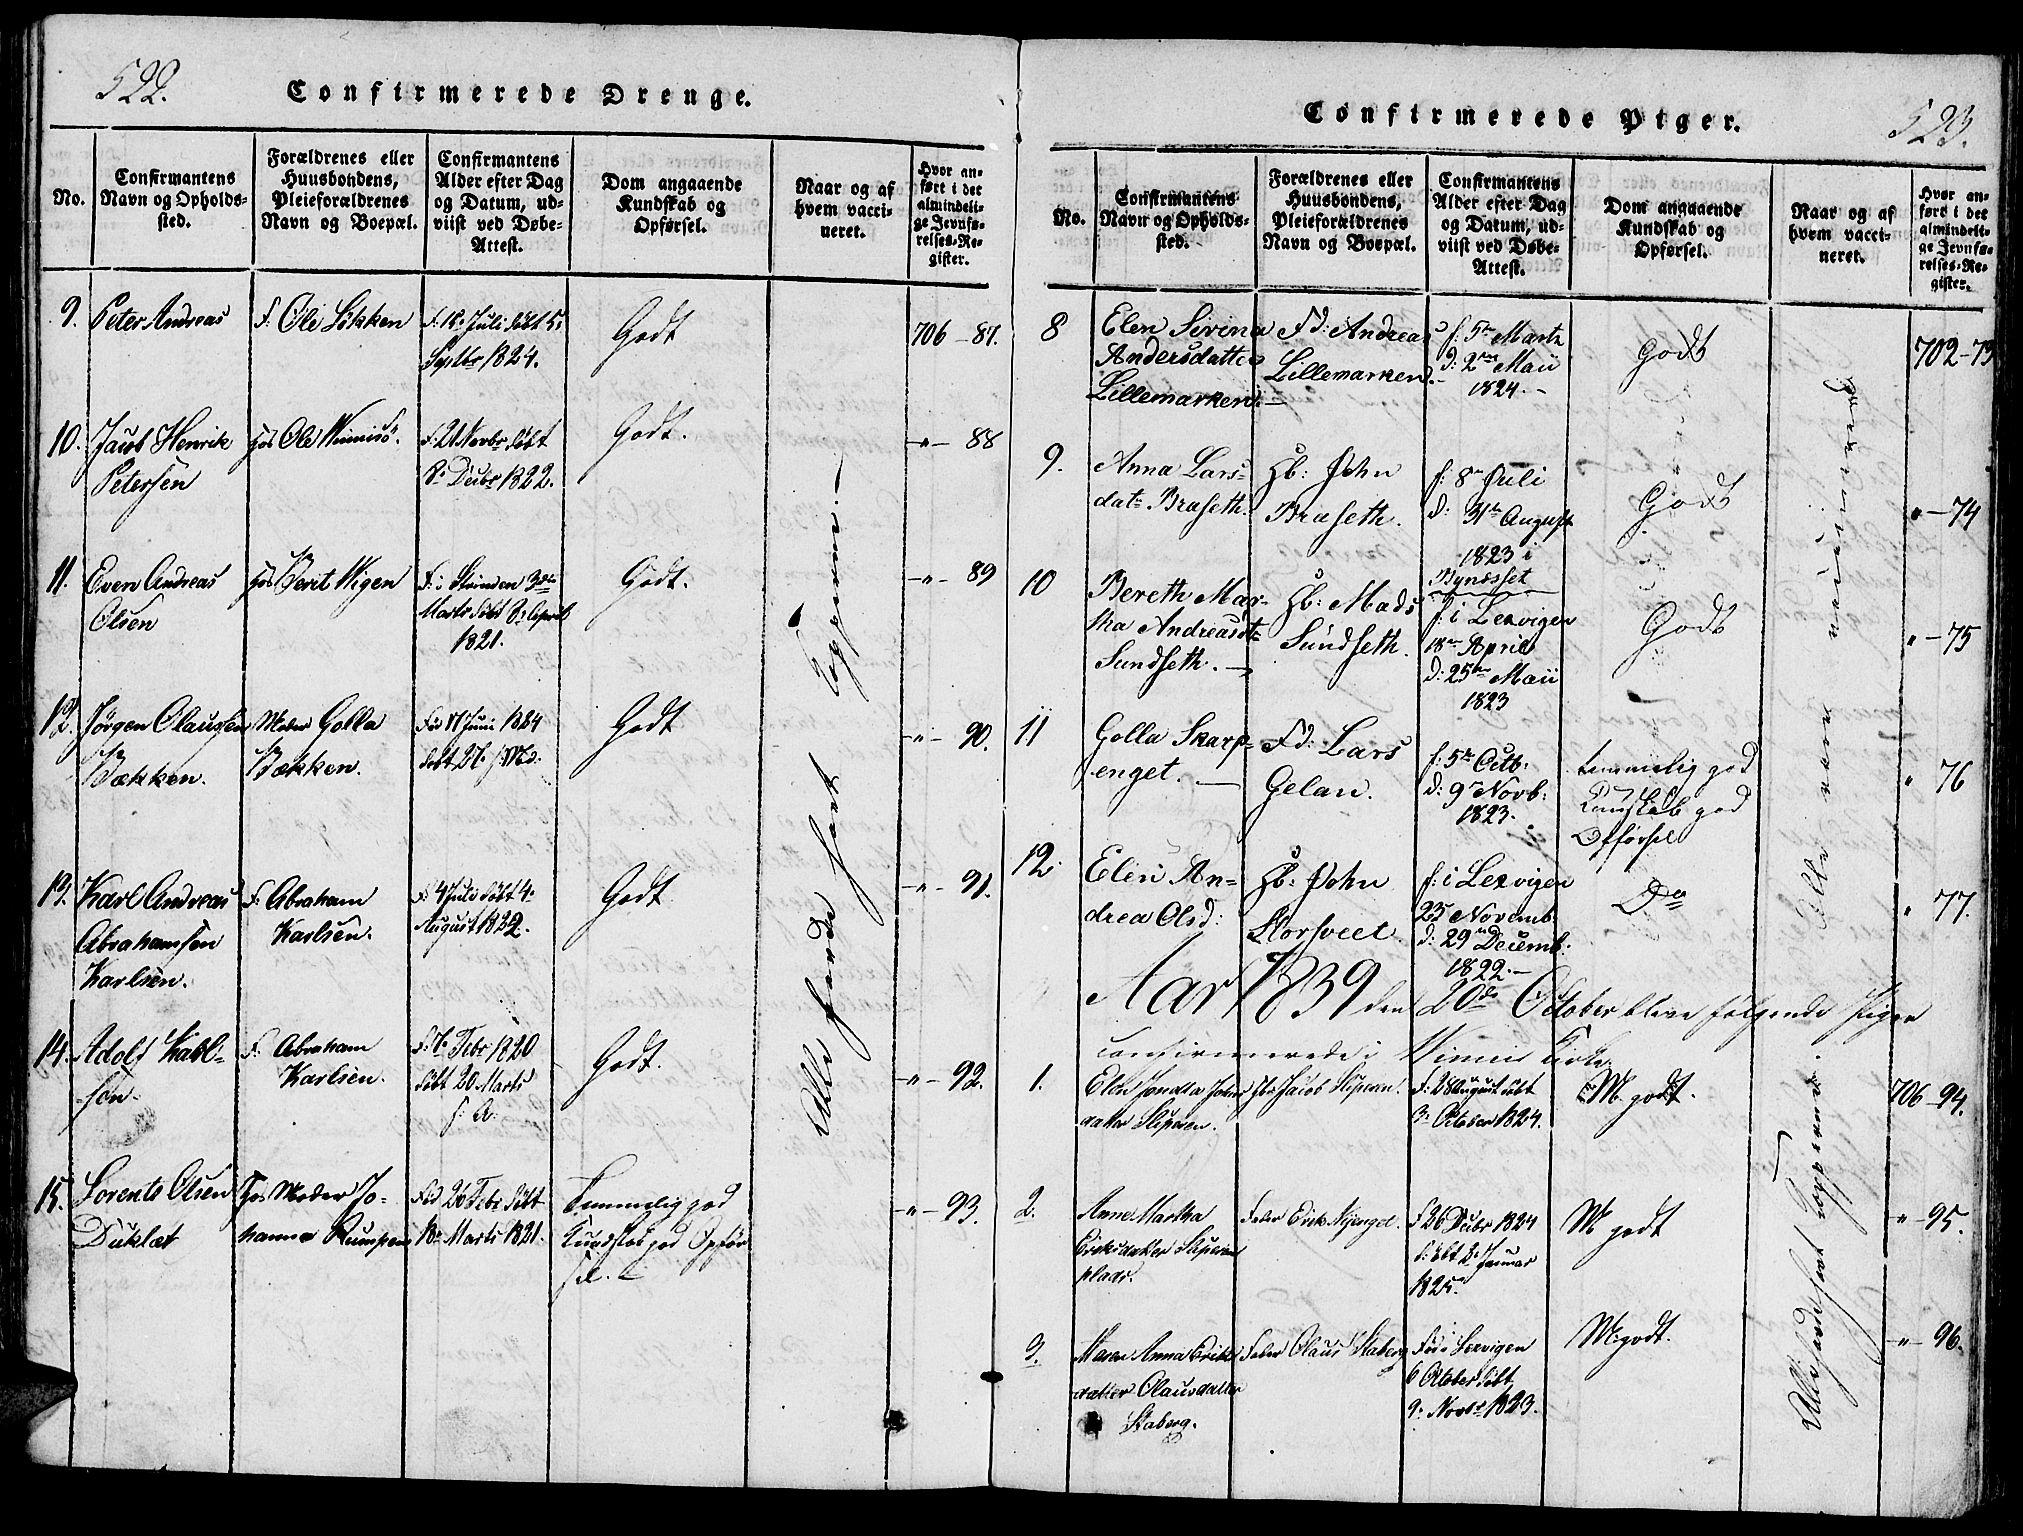 SAT, Ministerialprotokoller, klokkerbøker og fødselsregistre - Nord-Trøndelag, 733/L0322: Ministerialbok nr. 733A01, 1817-1842, s. 522-523